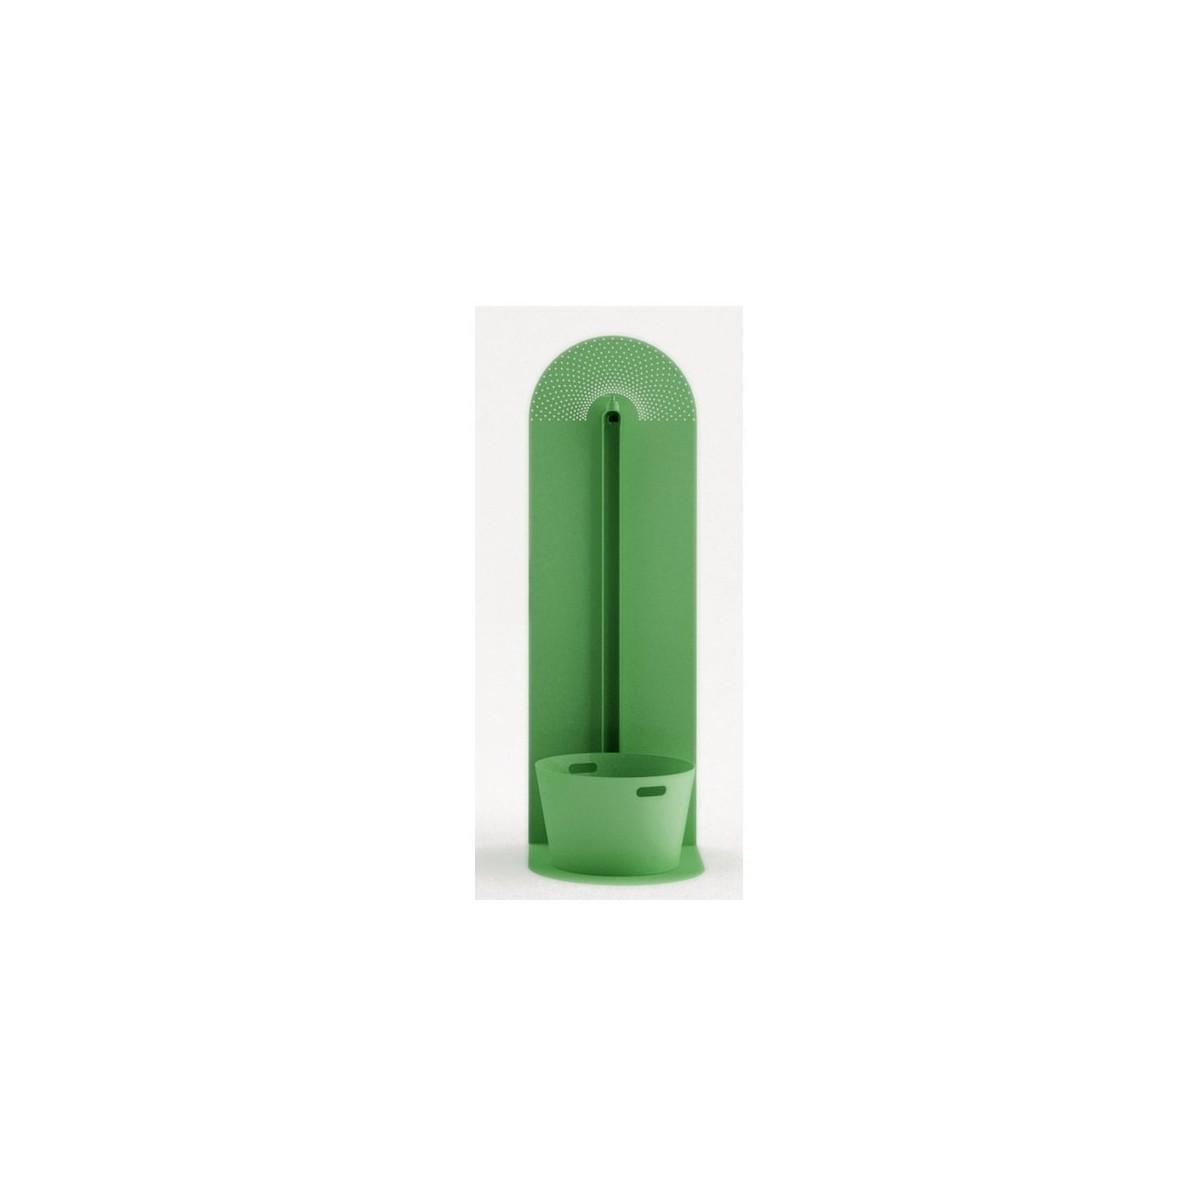 fontaine achat vente fontaine de jardin laorus fontaine laorus botanique editions. Black Bedroom Furniture Sets. Home Design Ideas